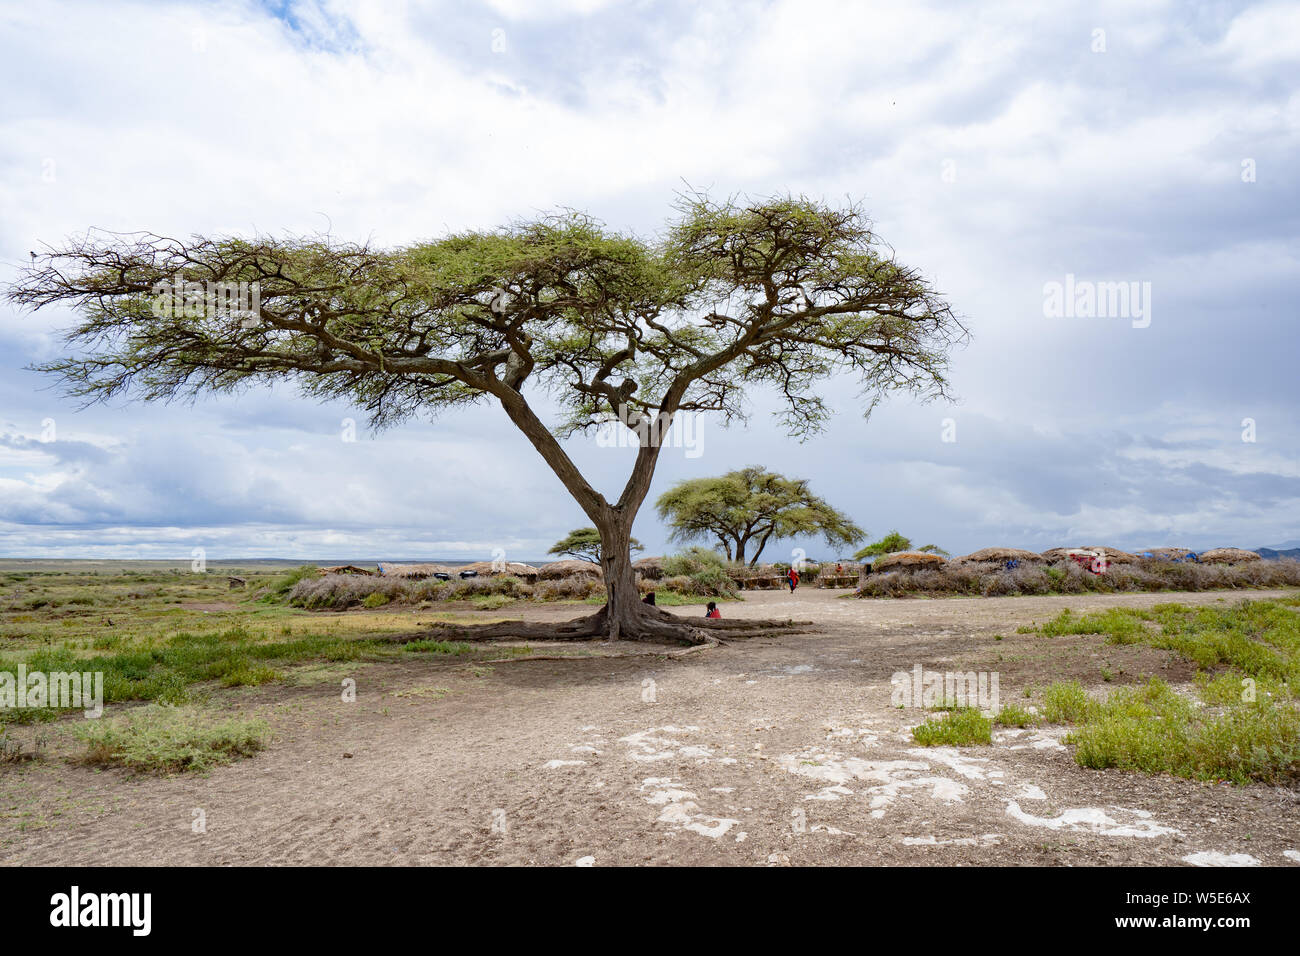 Acacia a Parco Nazionale del Serengeti, Tanzania Foto Stock